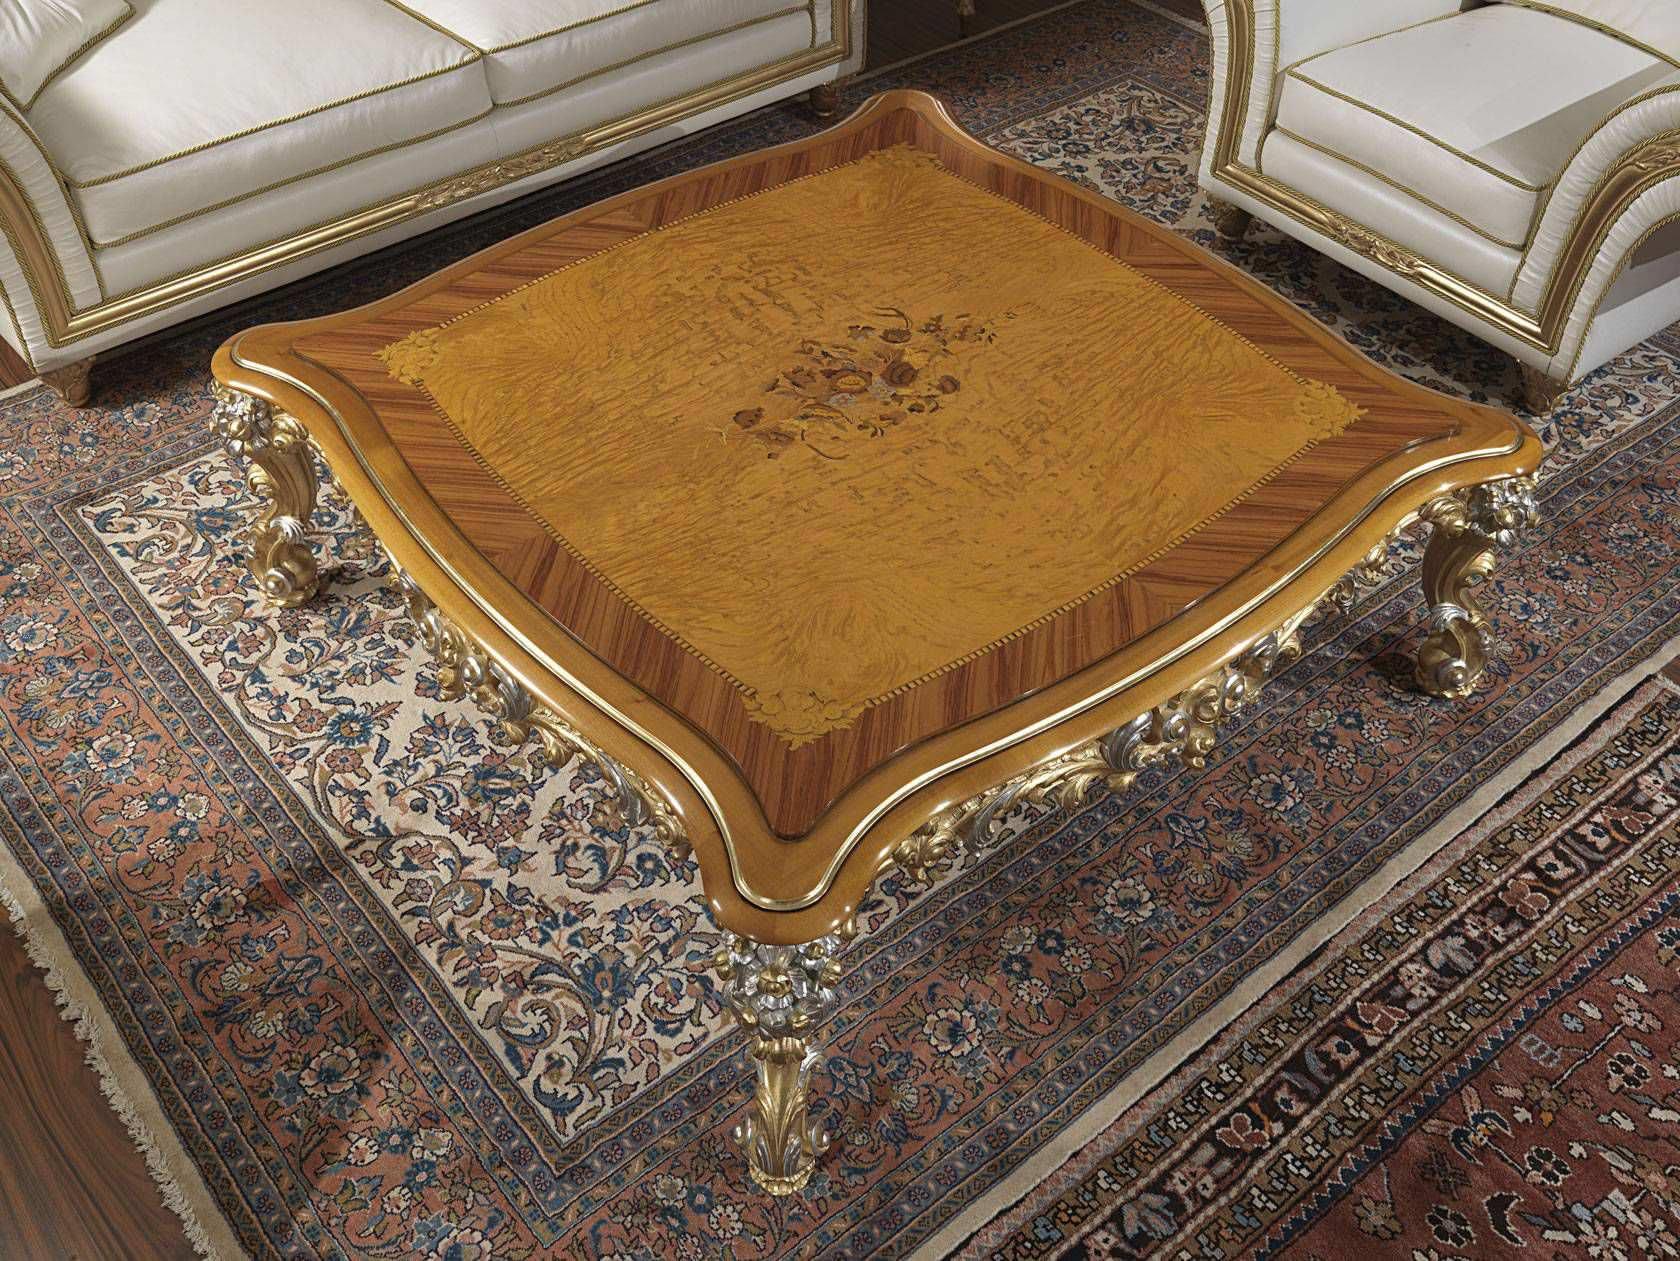 Stil Couchtisch Leder Quadratisch Innenraum Imperial